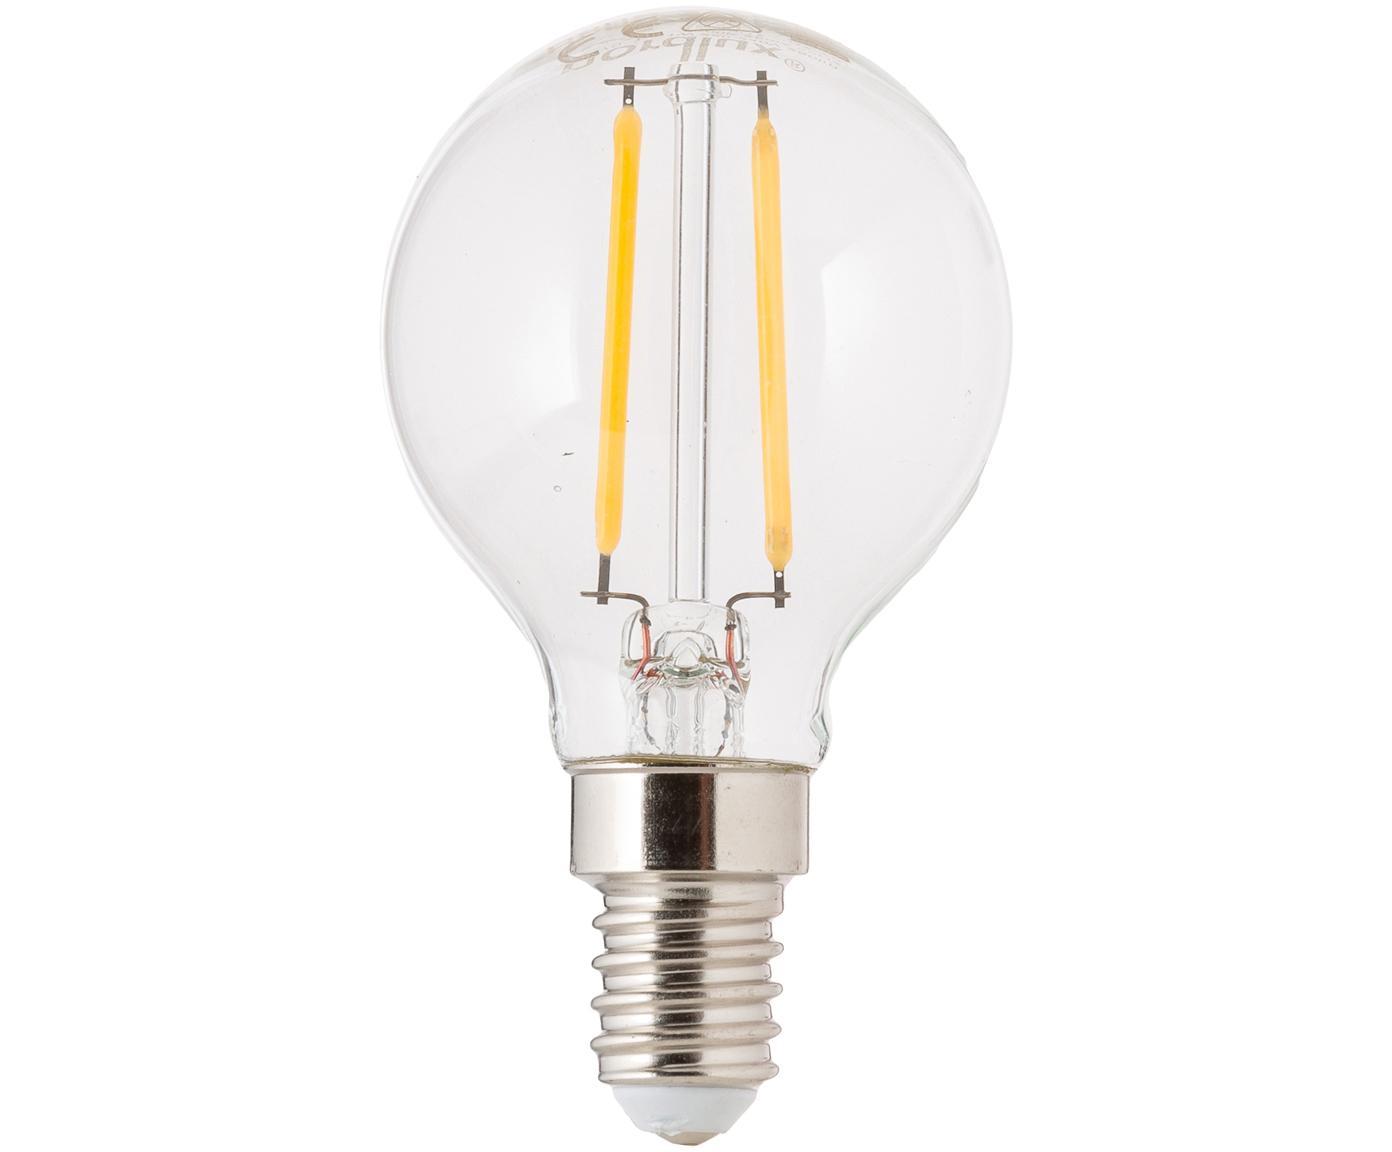 Żarówka LED Yekon (E14/2,5W), Transparentny, Ø 5 x W 8 cm